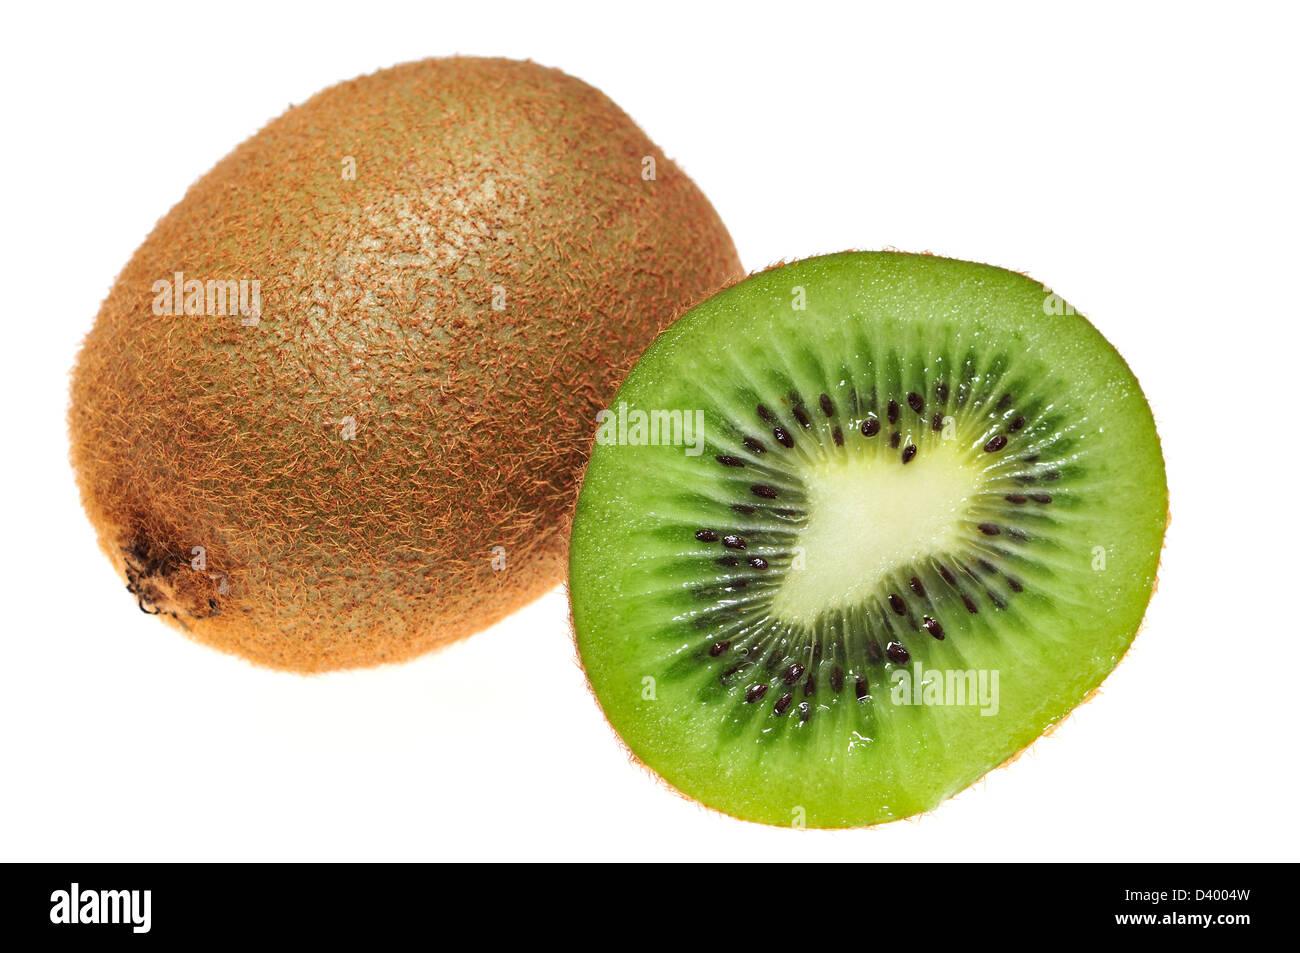 Kiwi fruit / Chinese gooseberry - Stock Image